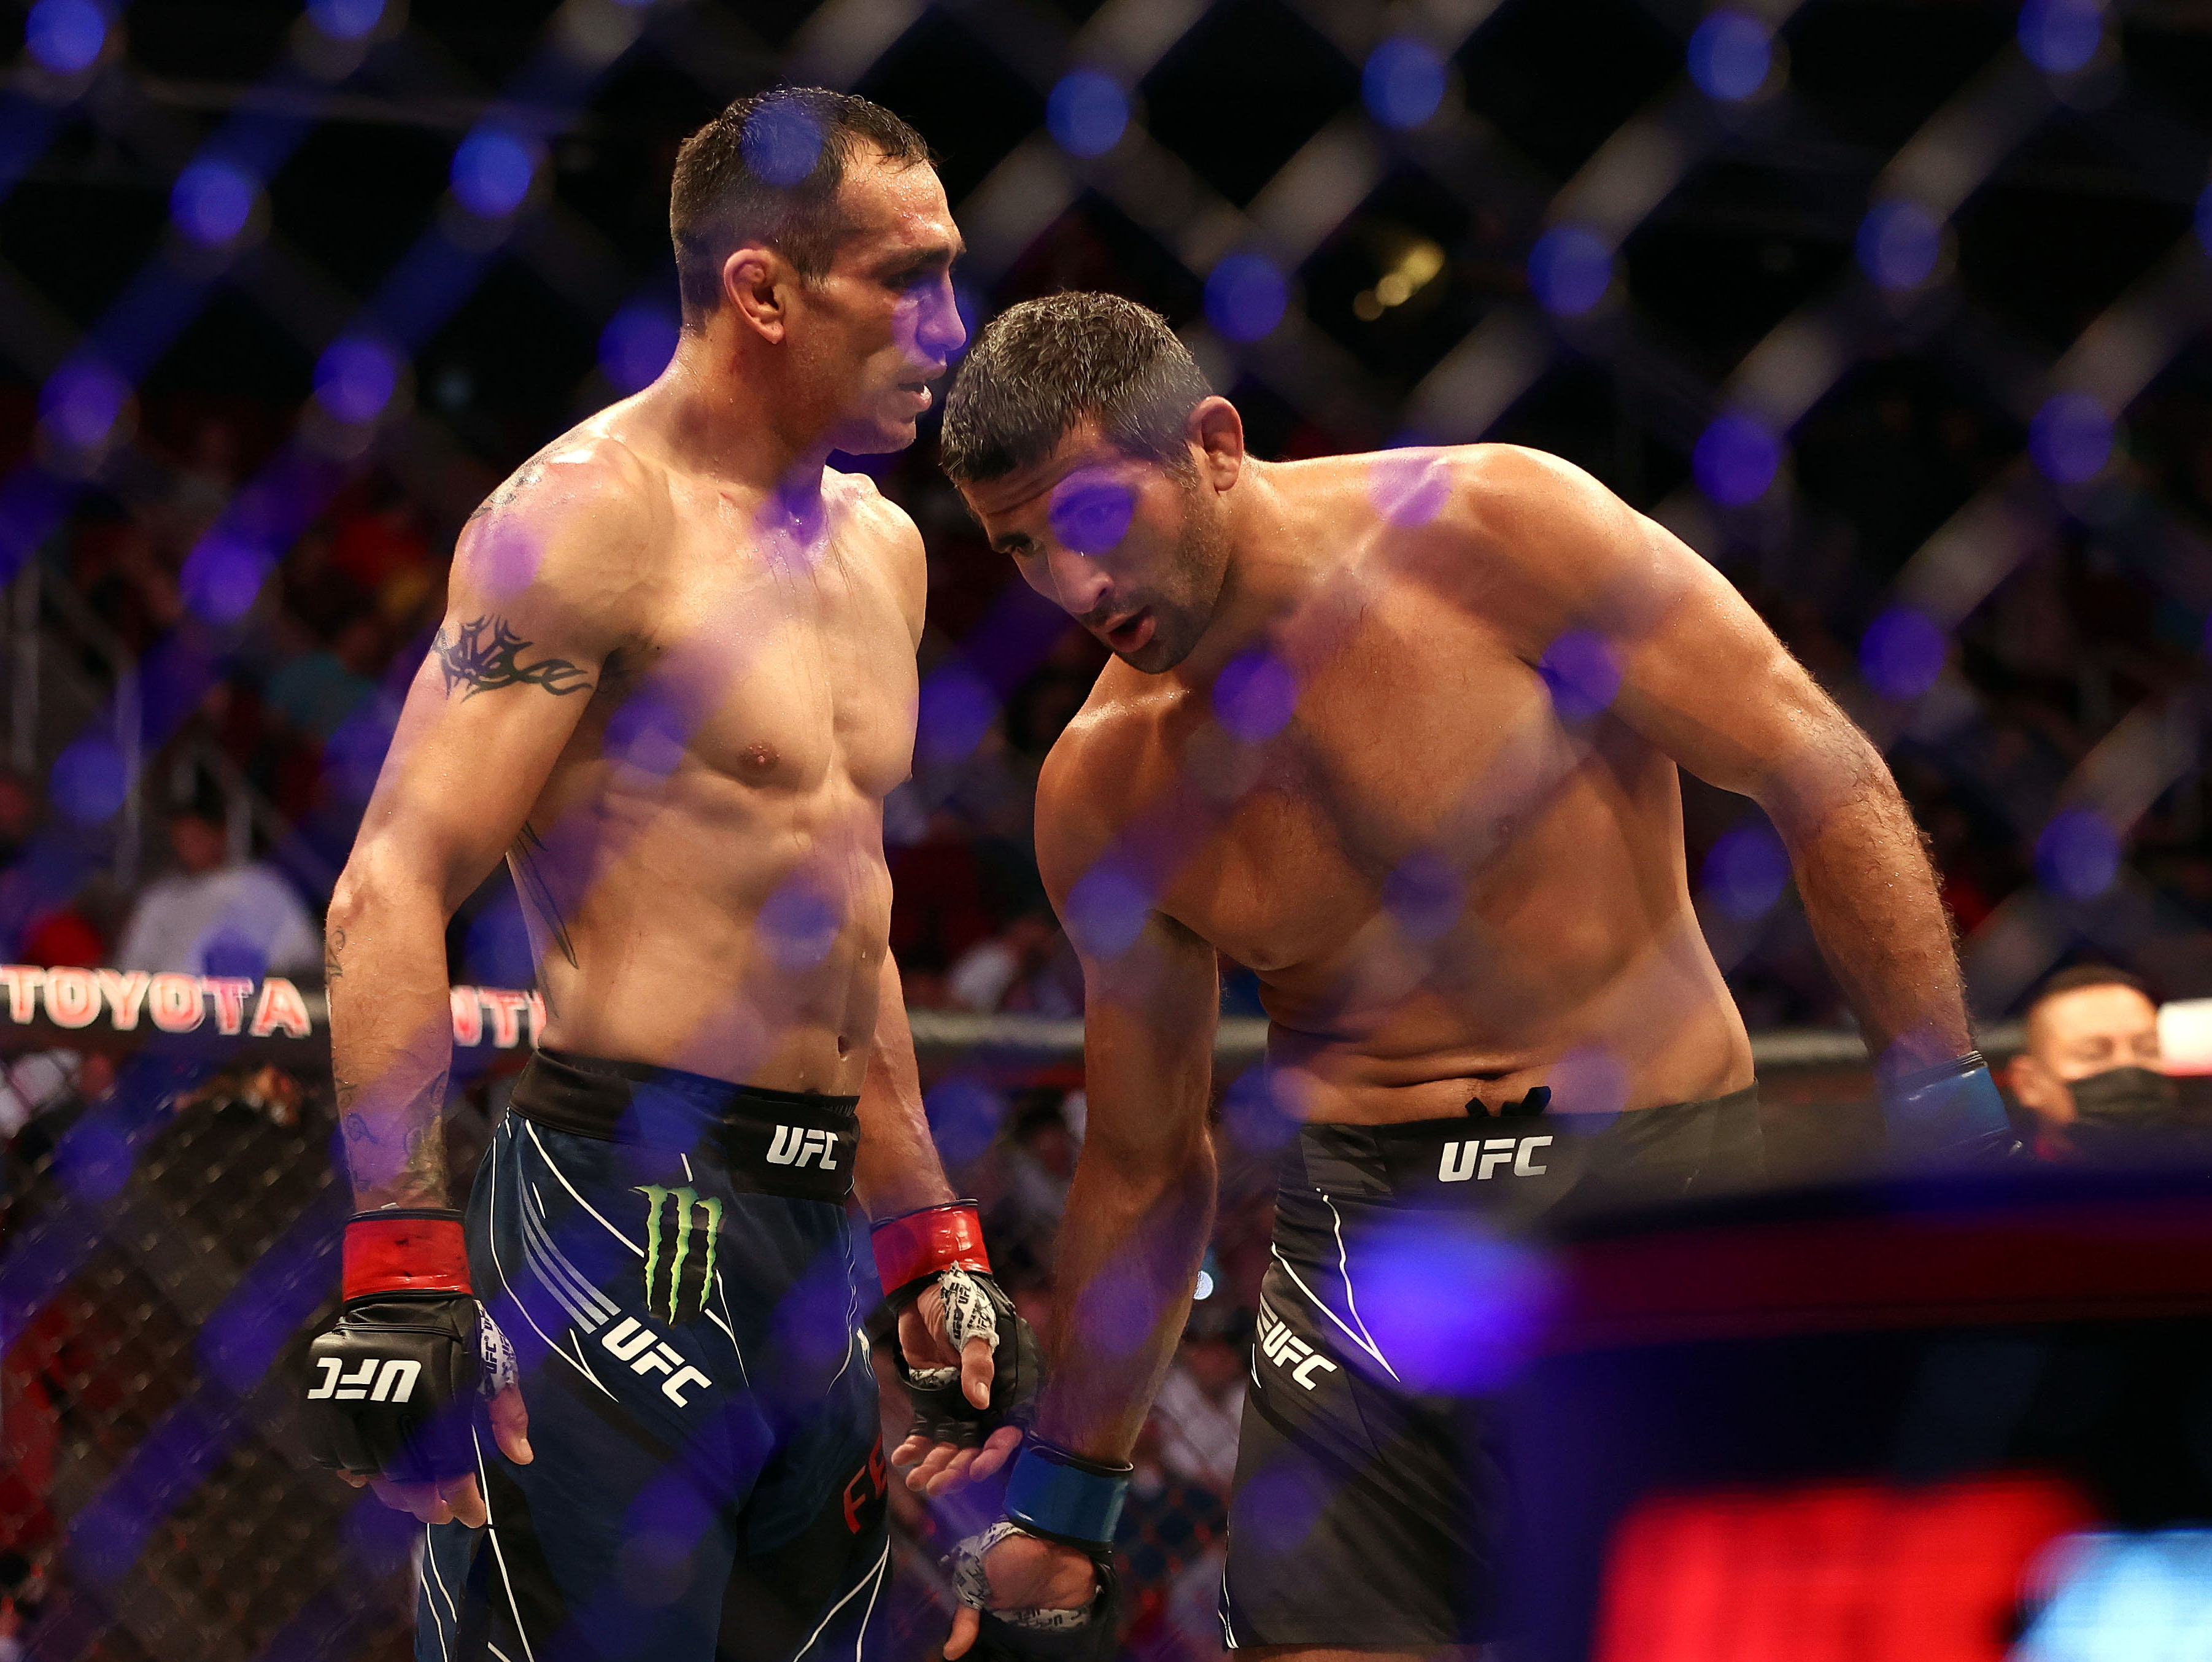 爱游戏app下载的游戏不能玩MMA:UFC 262-Ferguson VS Dariush